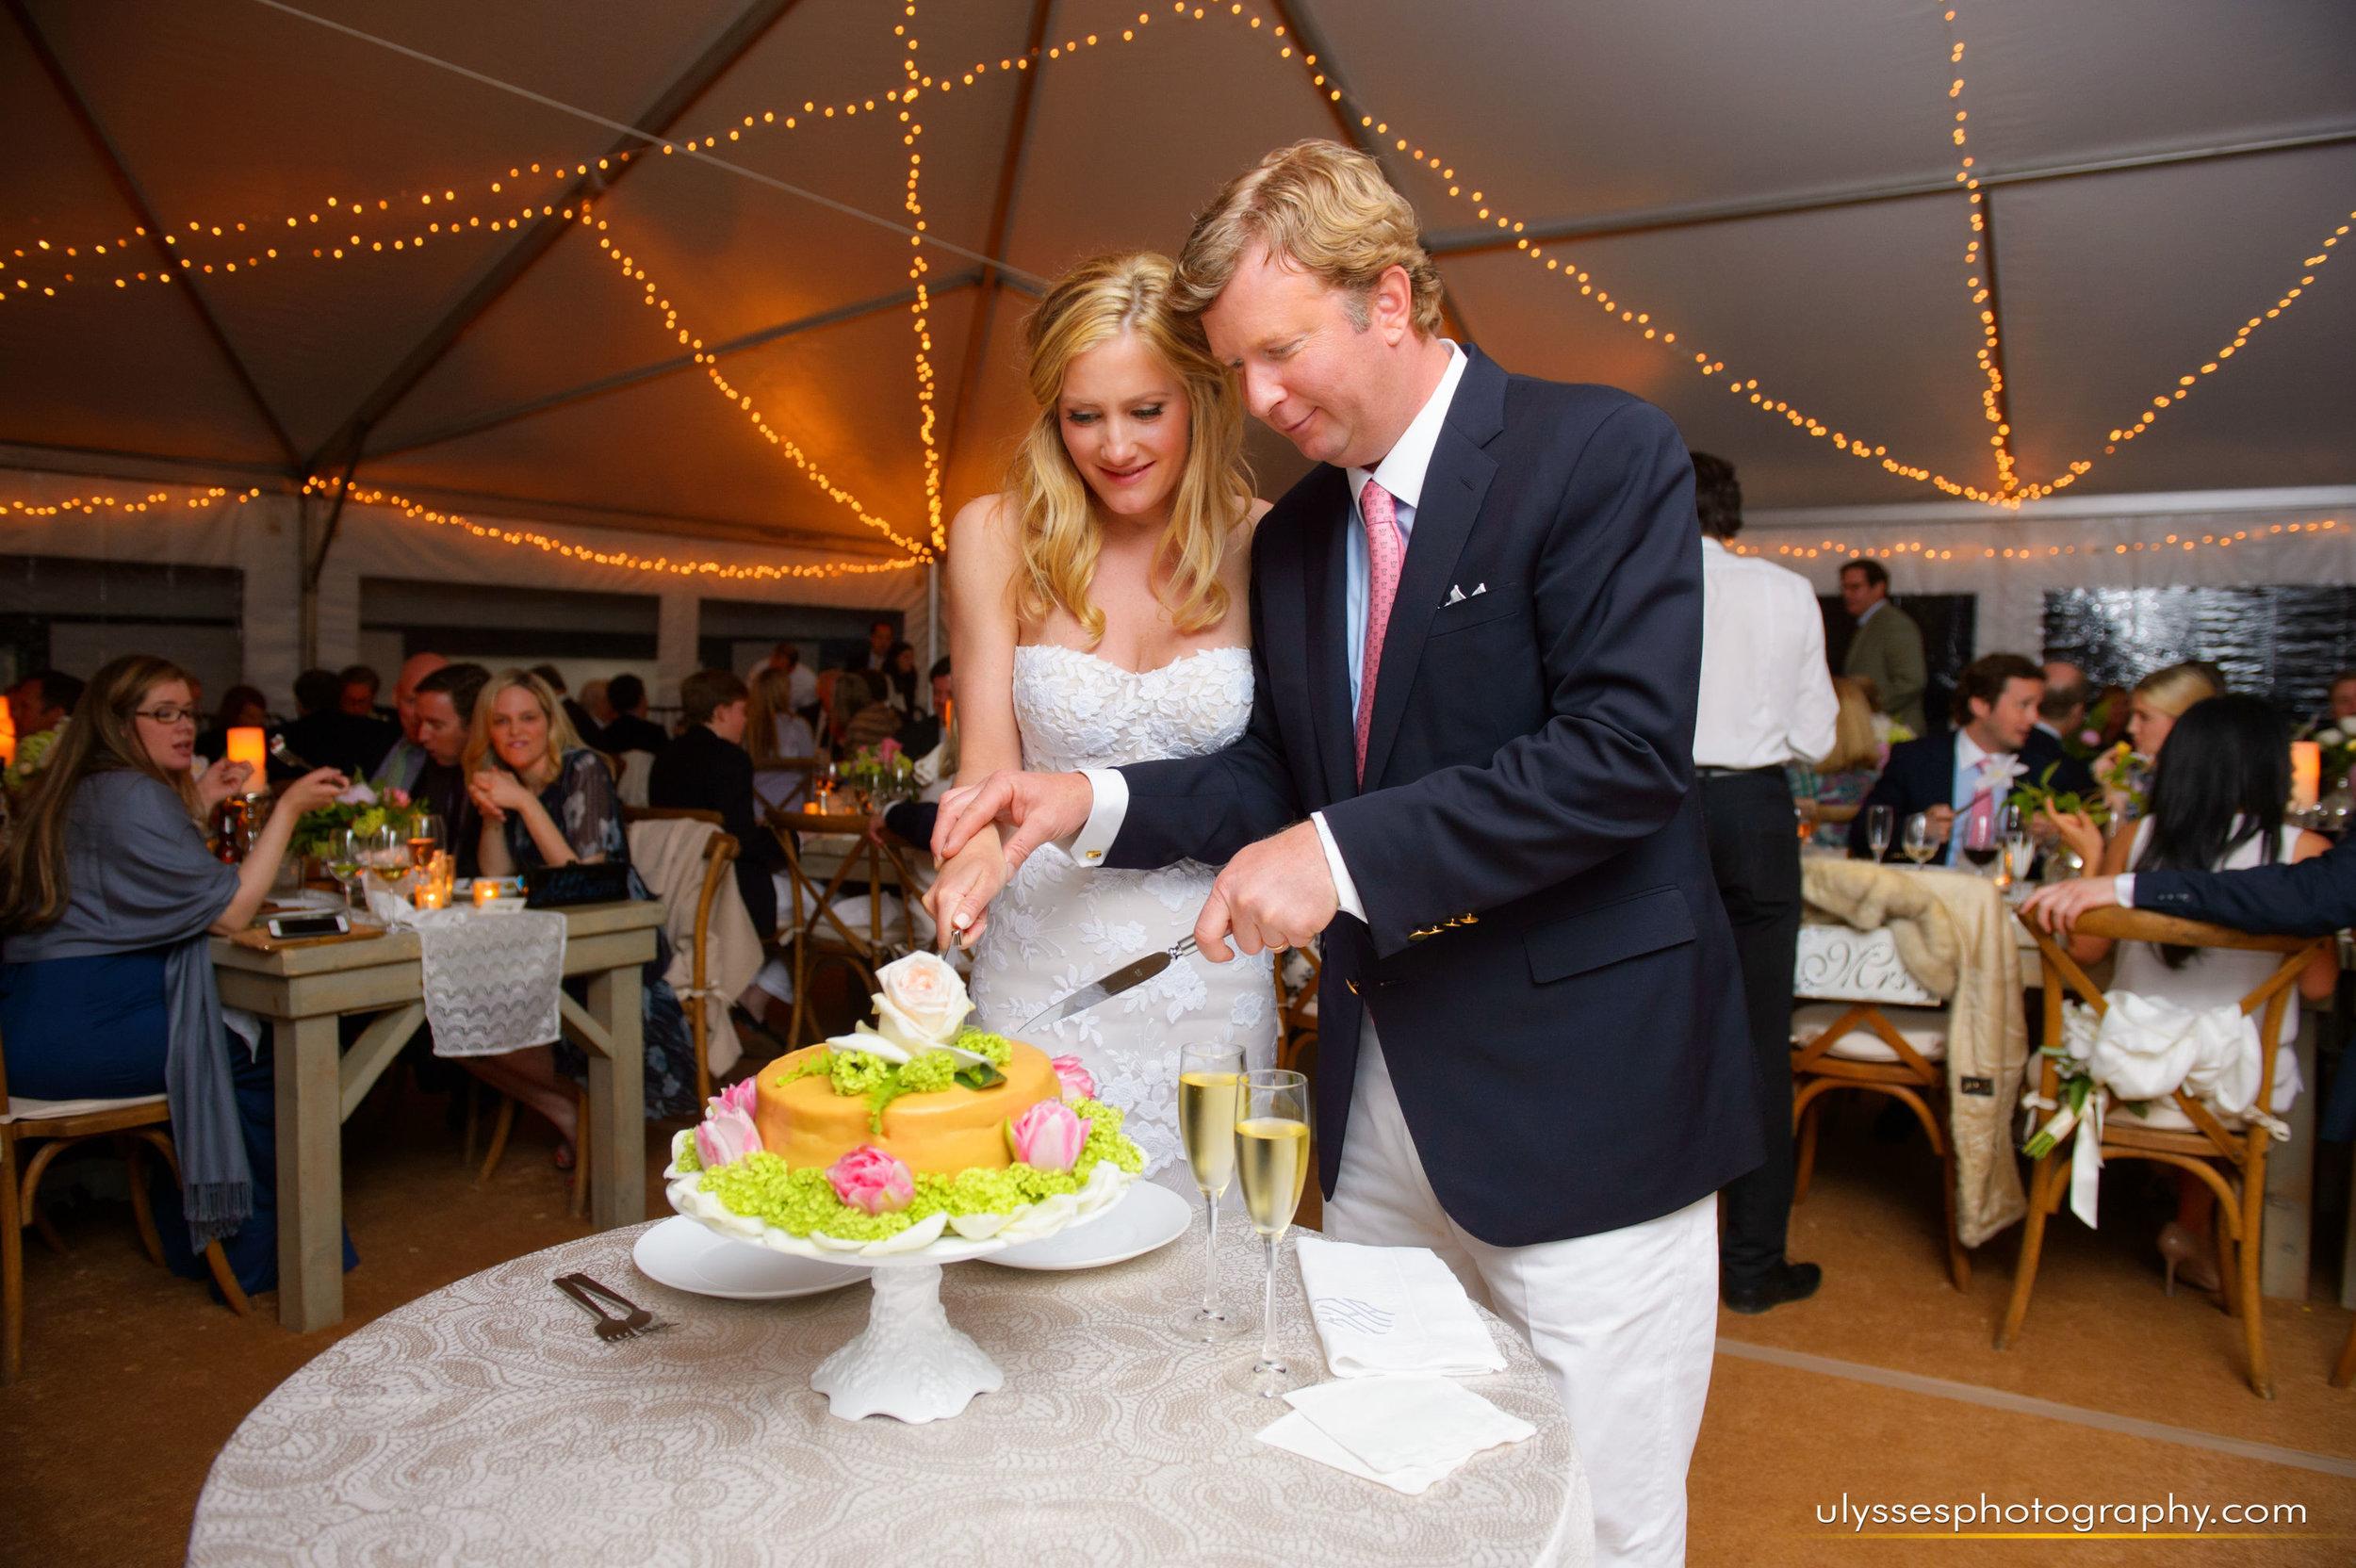 31 At Home Wedding Farm Wedding Tent Reception Cake Cutting.jpg